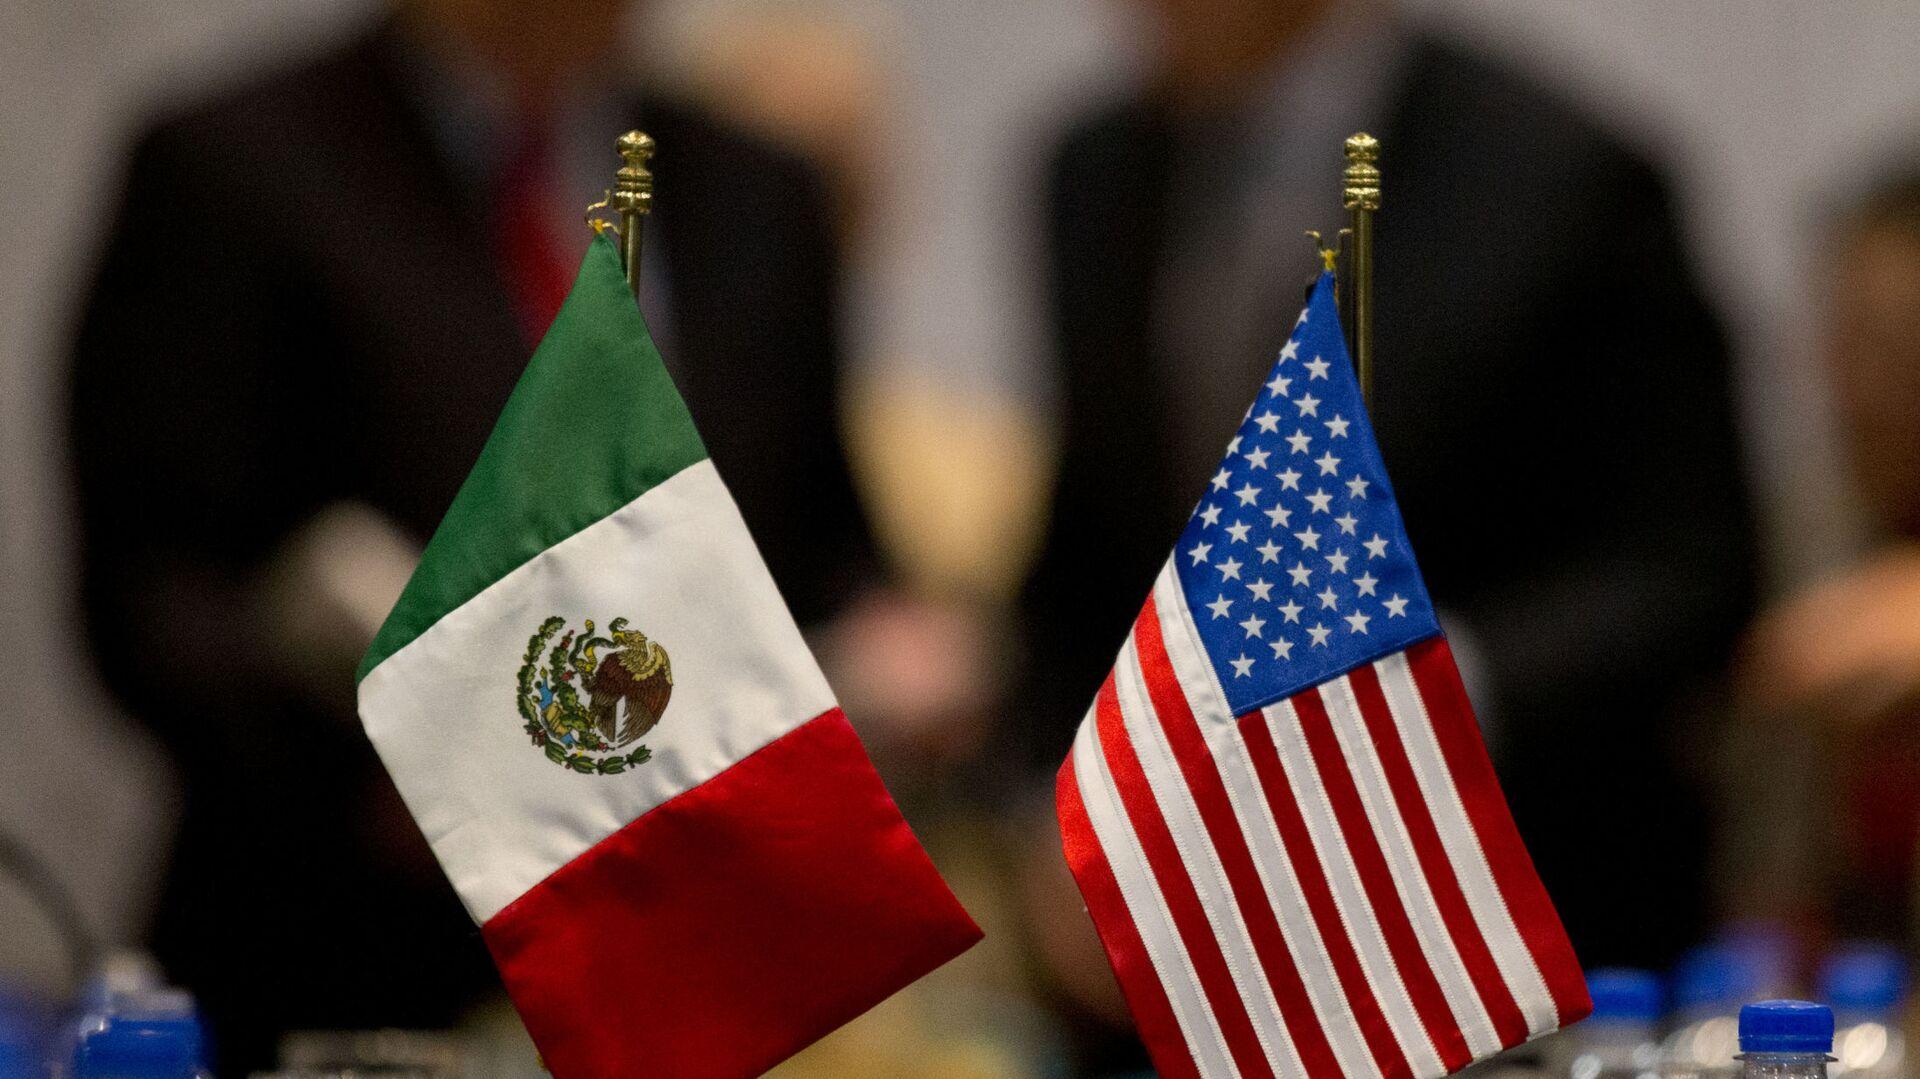 Banderas de México y EEUU - Sputnik Mundo, 1920, 27.10.2020